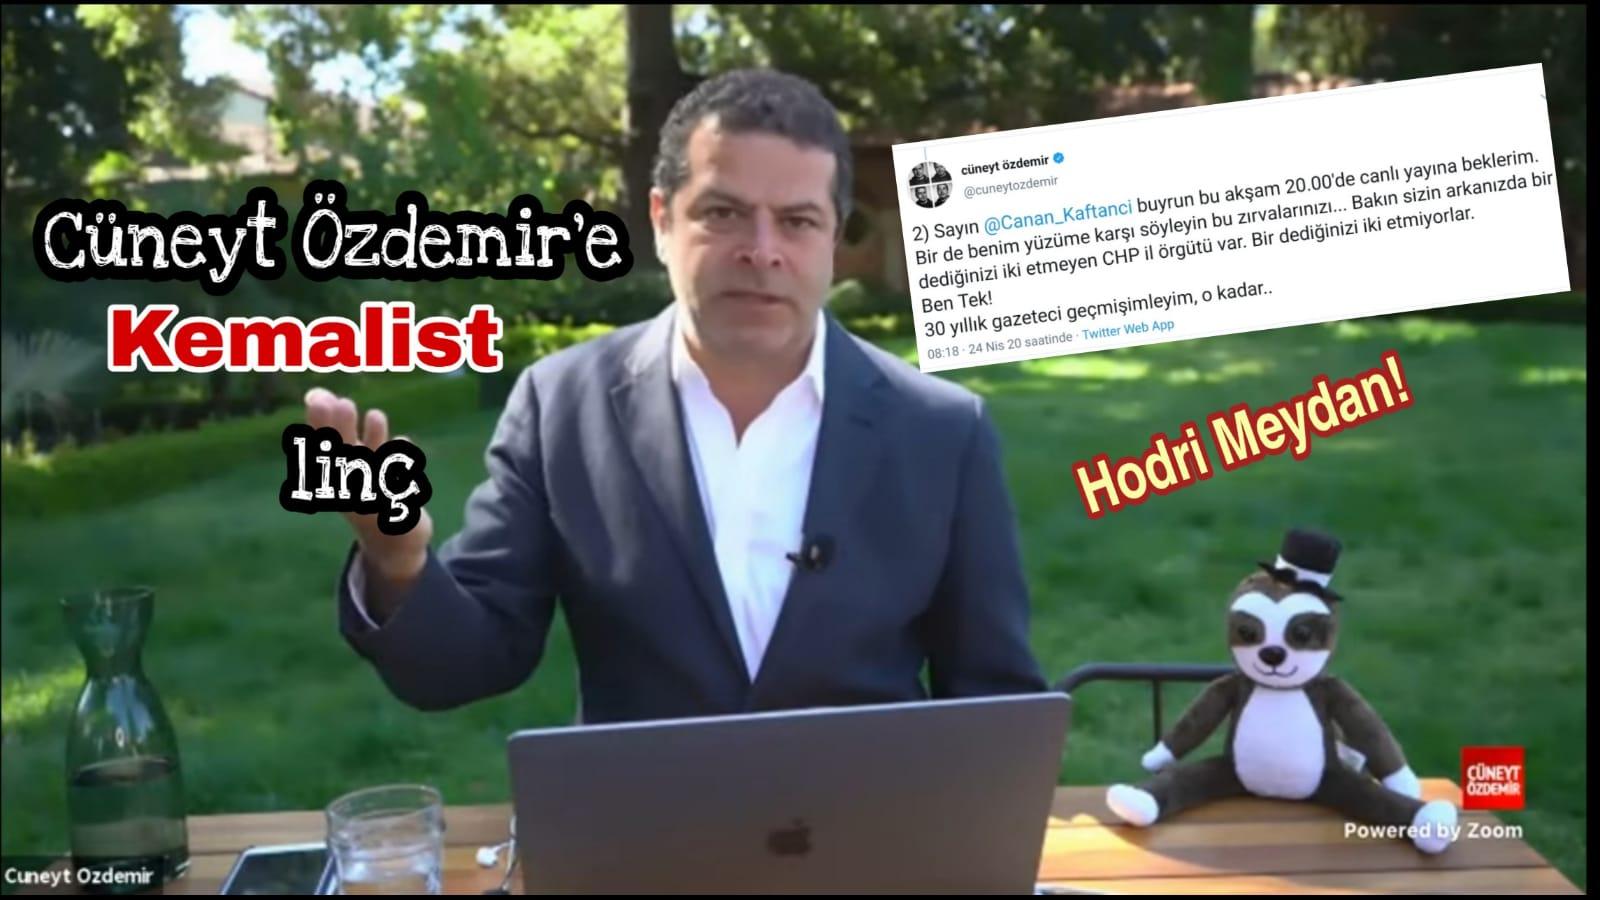 Cüneyt Özdemir'e linç kampanyası